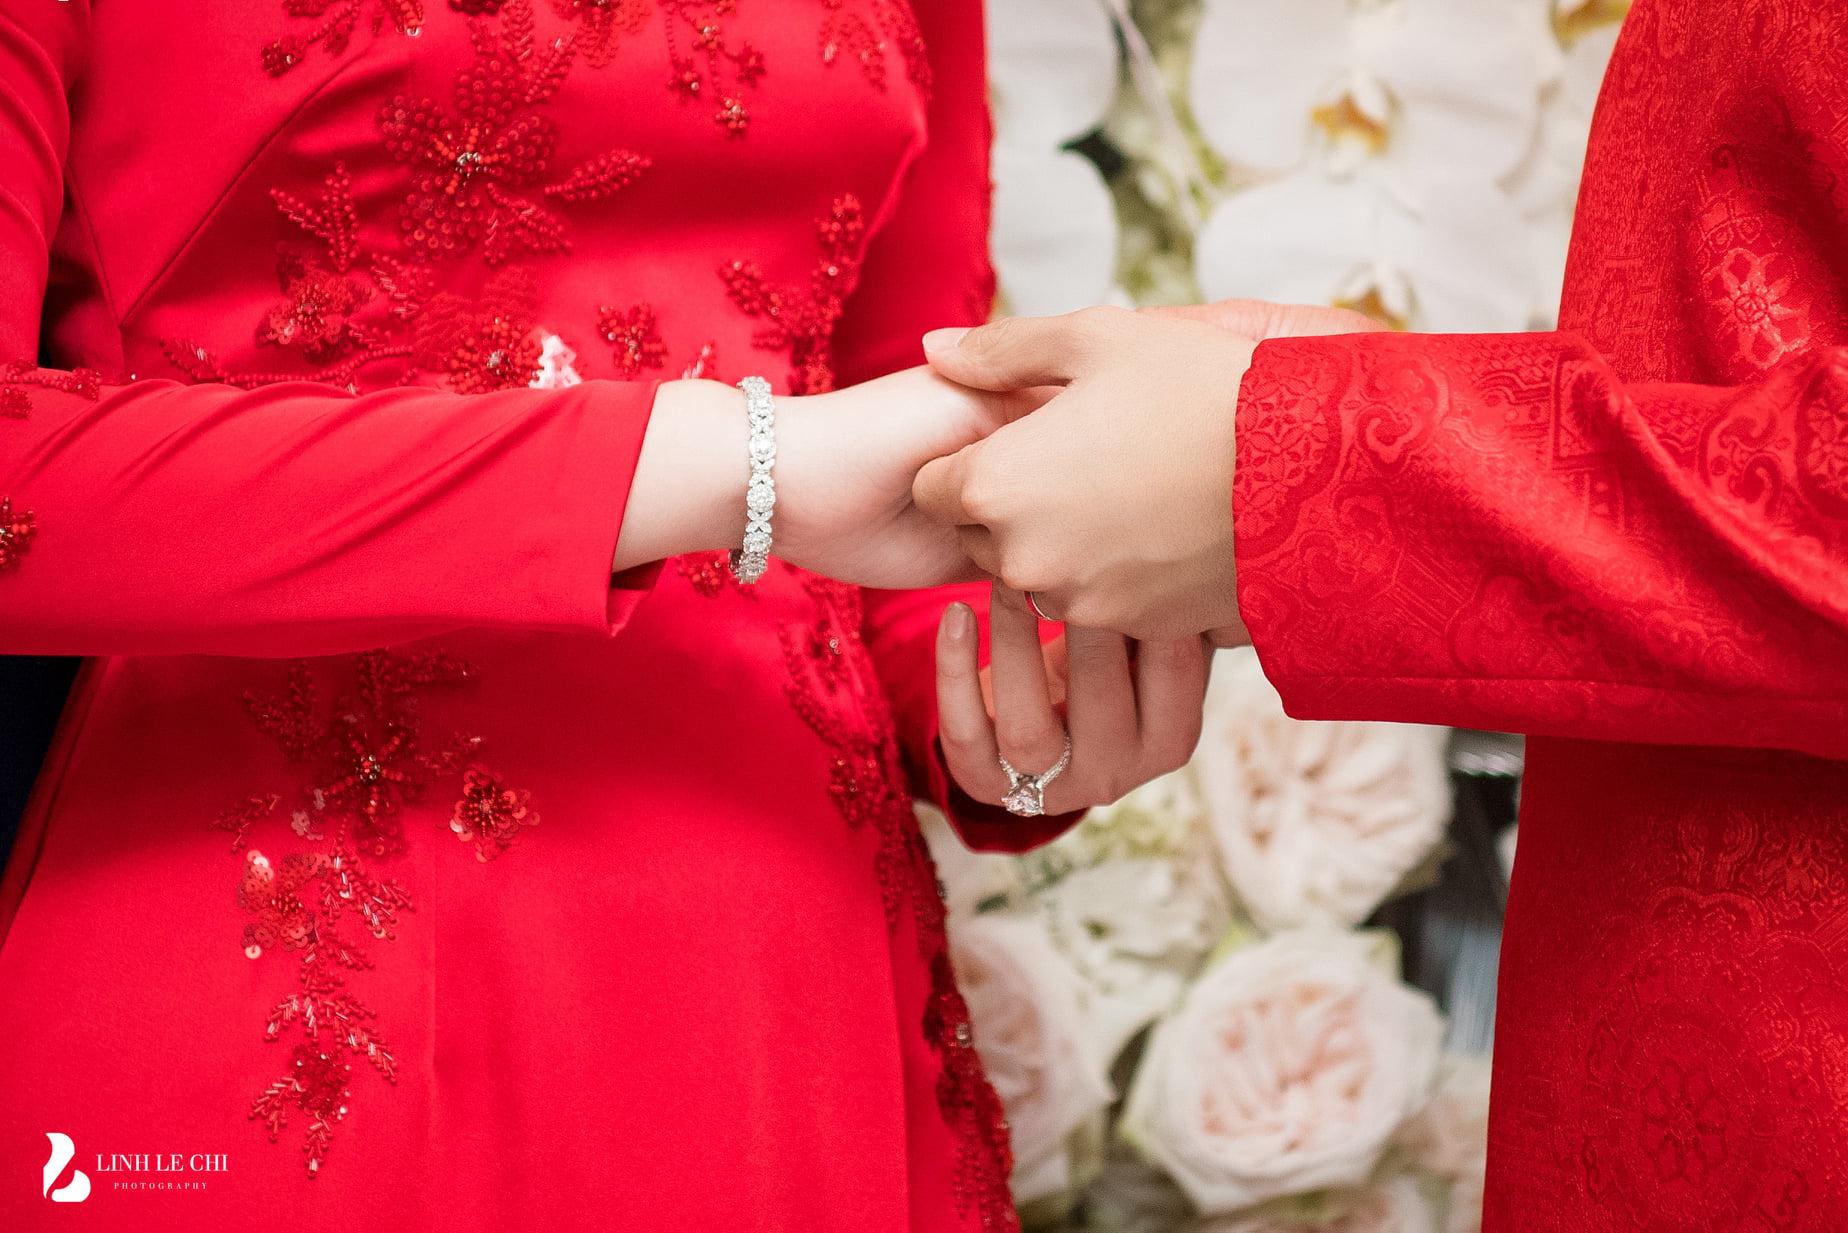 Đám cưới con ông chủ Saigon Square: Dàn siêu xe 200 tỷ, Cường Đôla, Mai Phương Thúy đến dự - 4